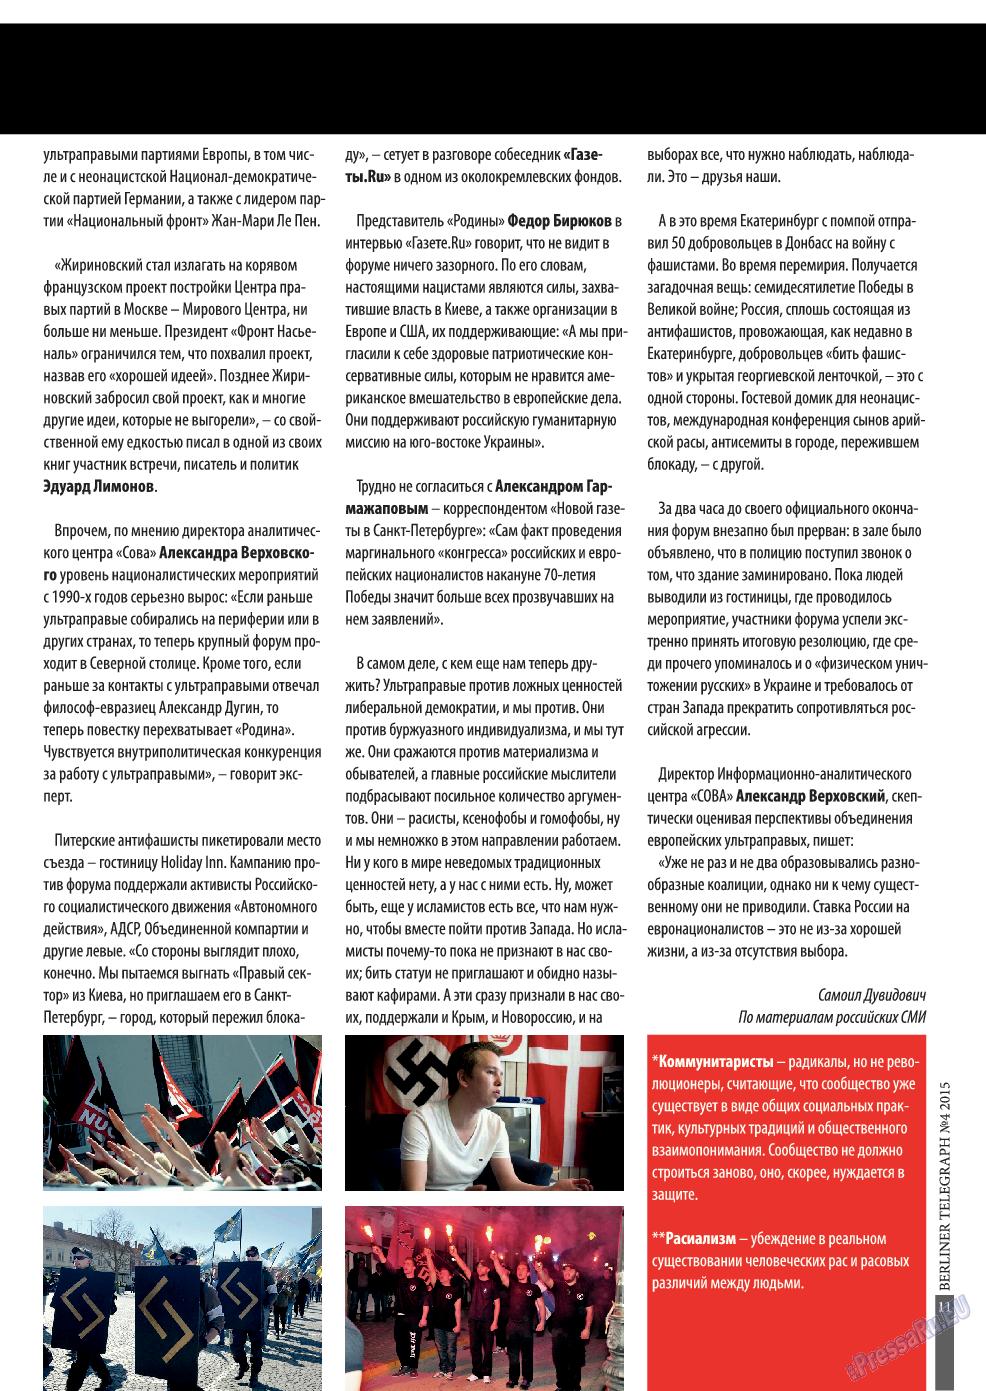 Берлинский телеграф (журнал). 2015 год, номер 4, стр. 11